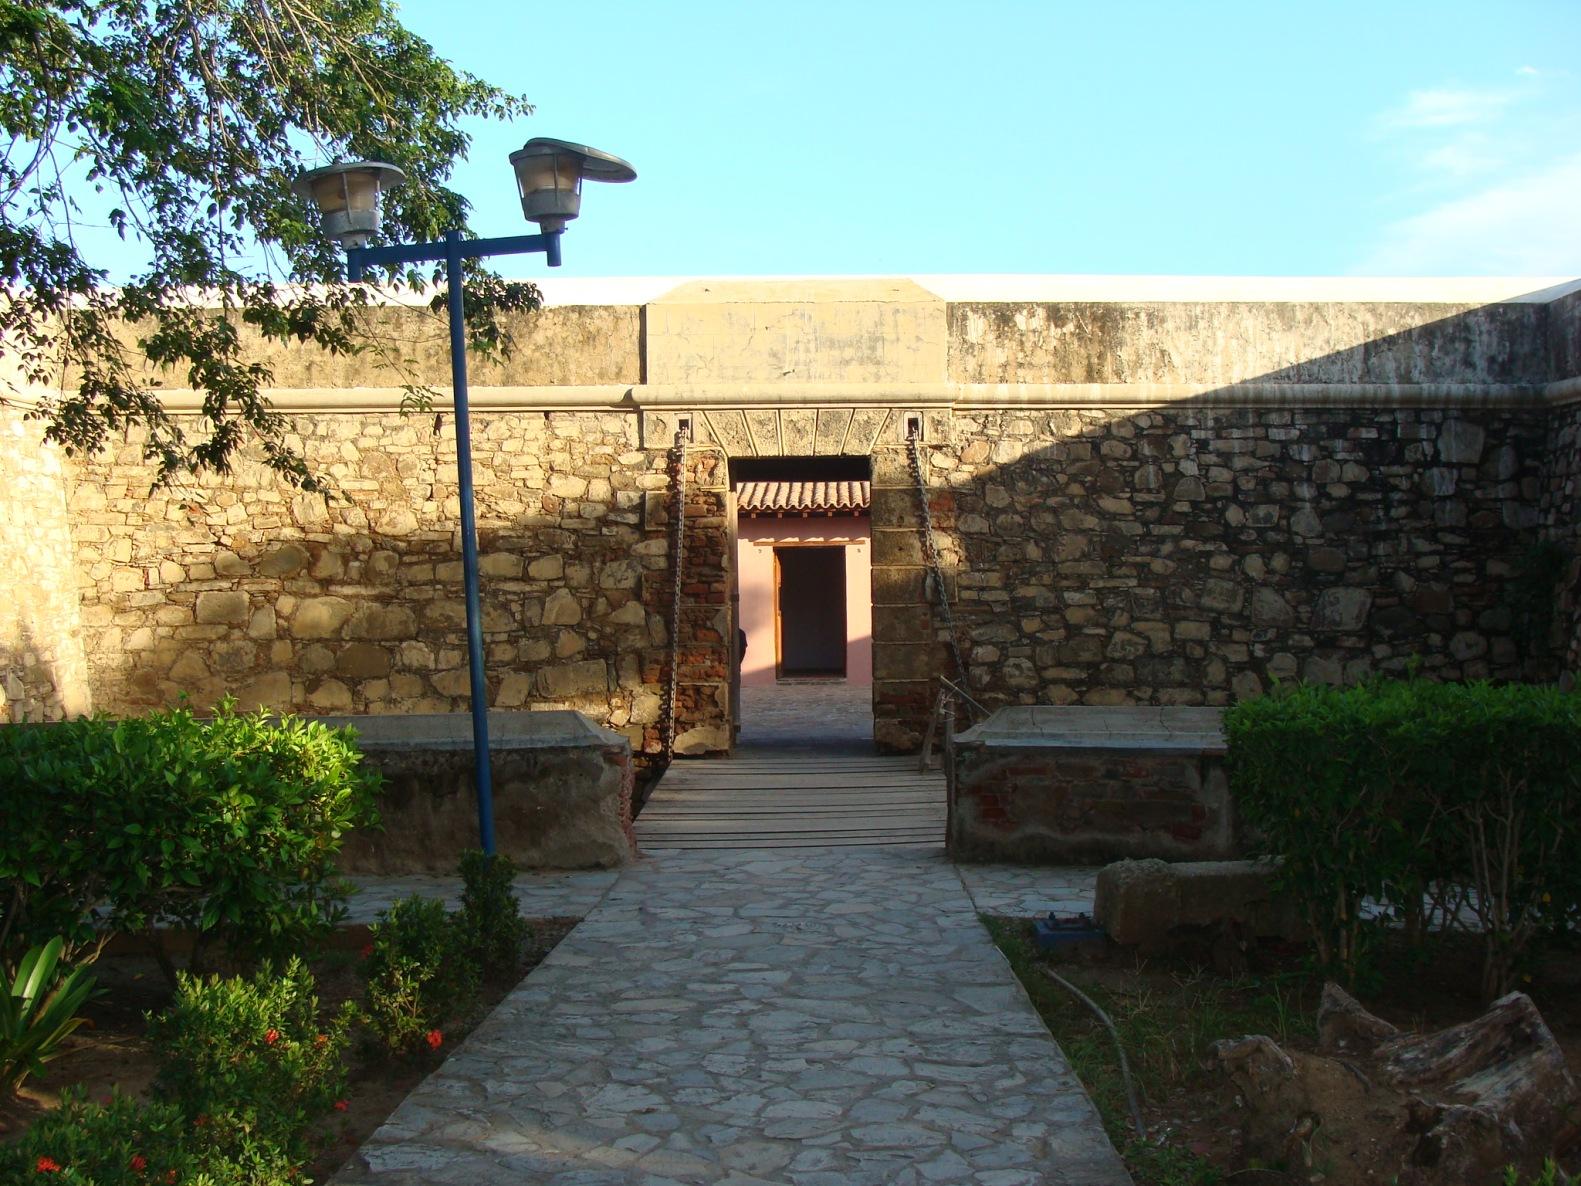 entrada del castillo de San Carlos deBorromeo